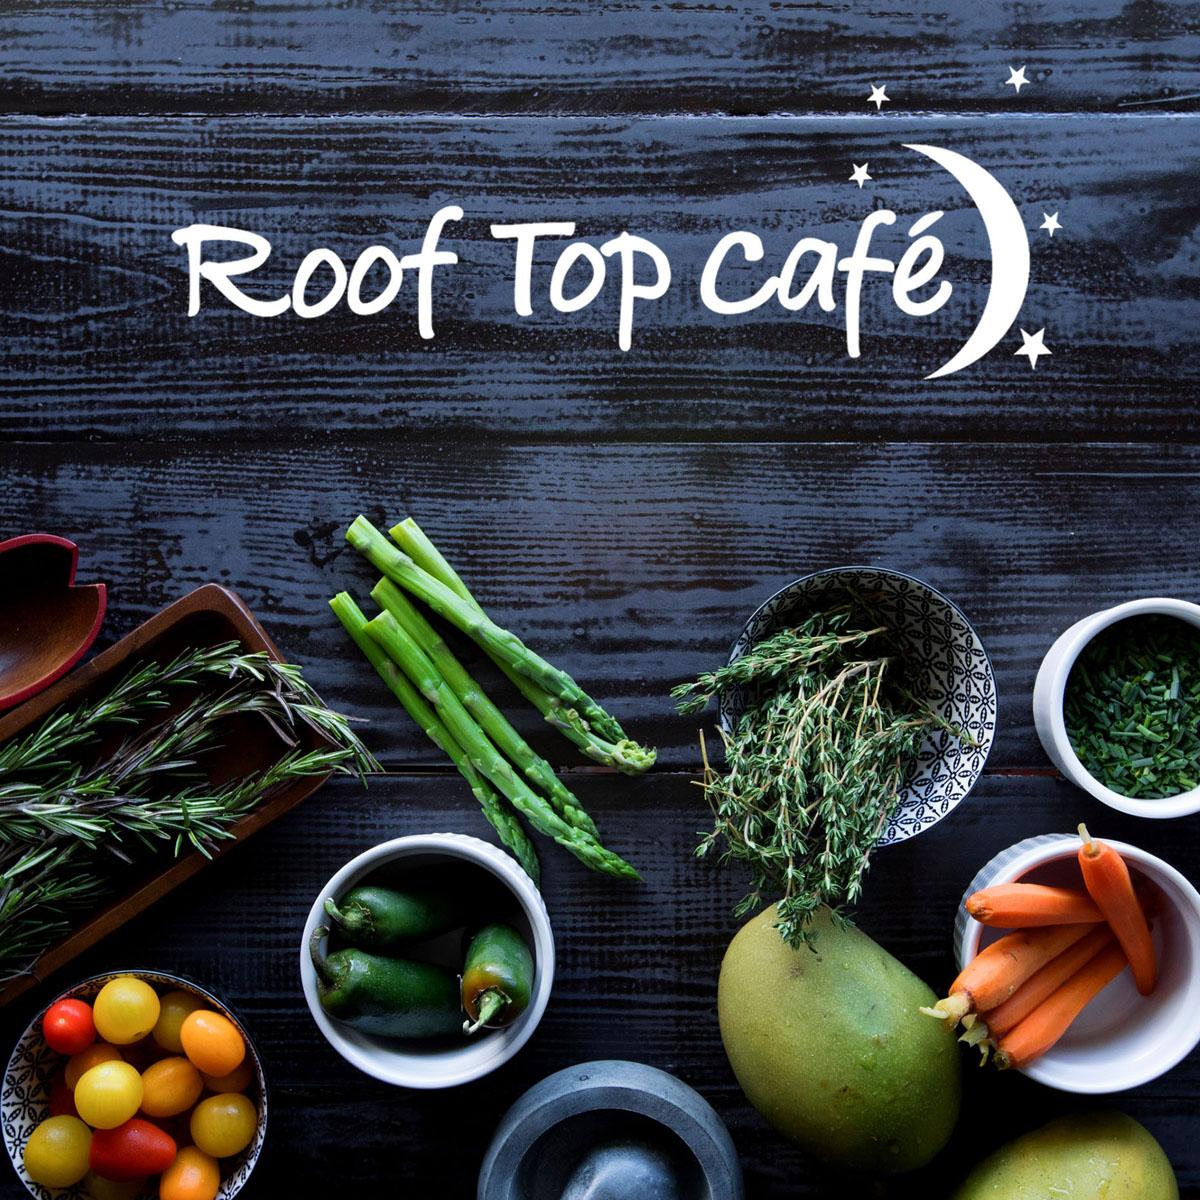 rooftop cafe logo .jpg